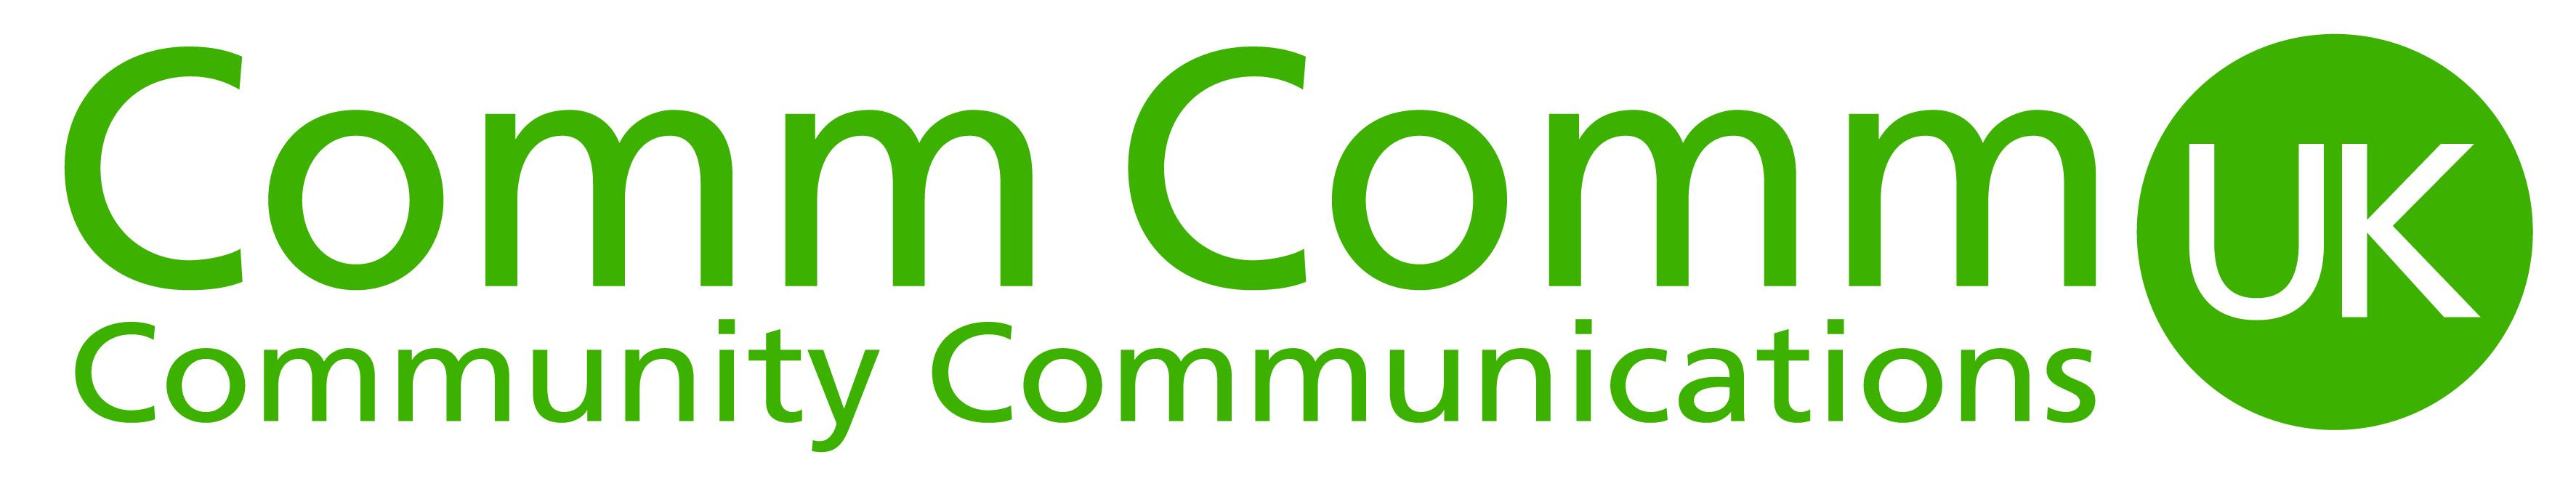 Comm Comm UK